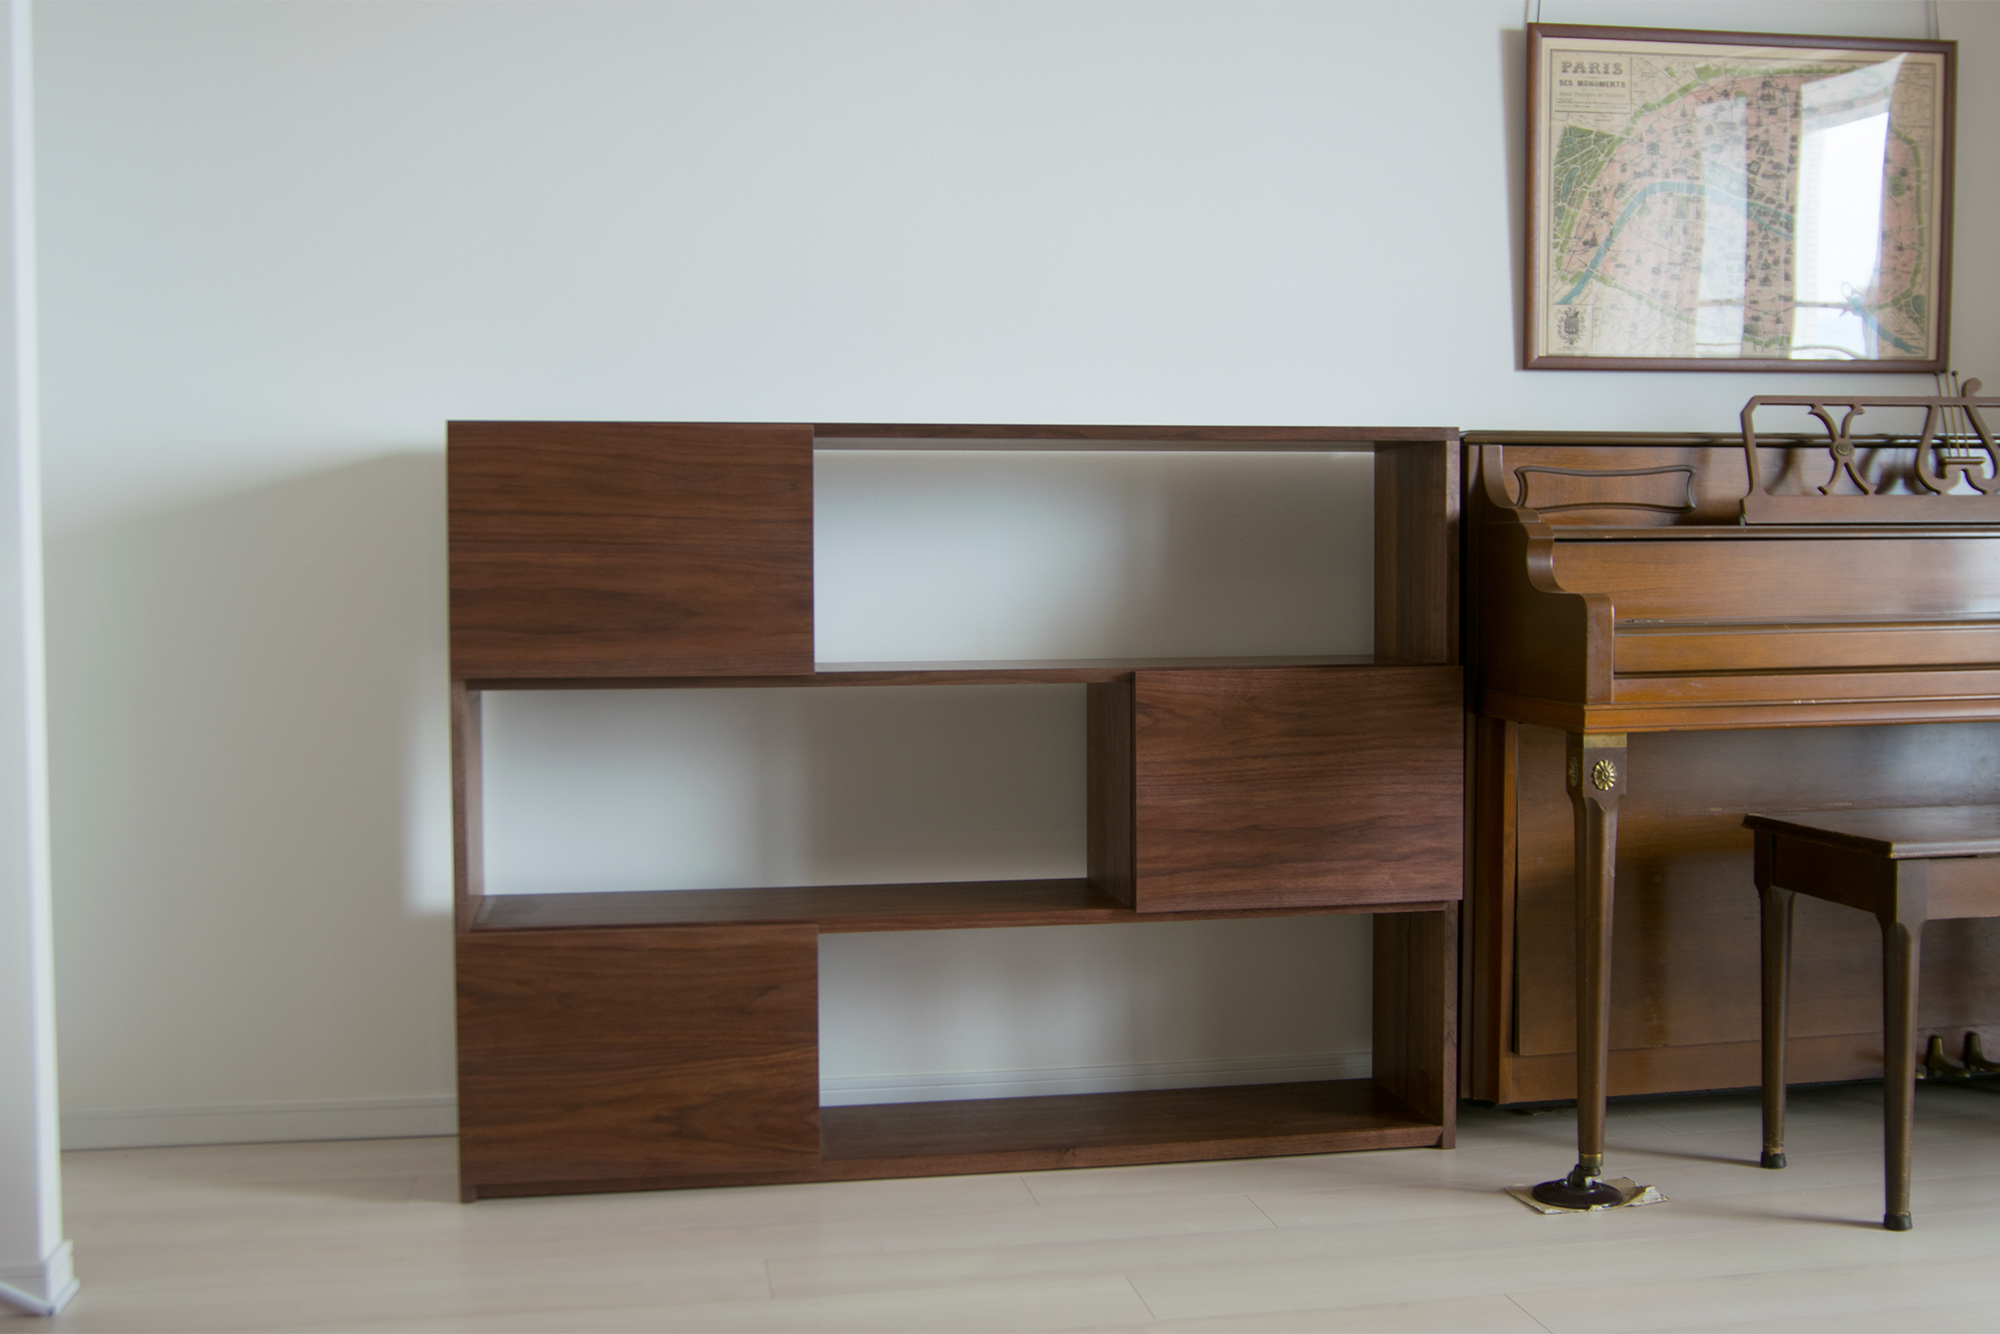 ご納品したウォールナット材TANA本棚、互い違いの引き扉つき収納